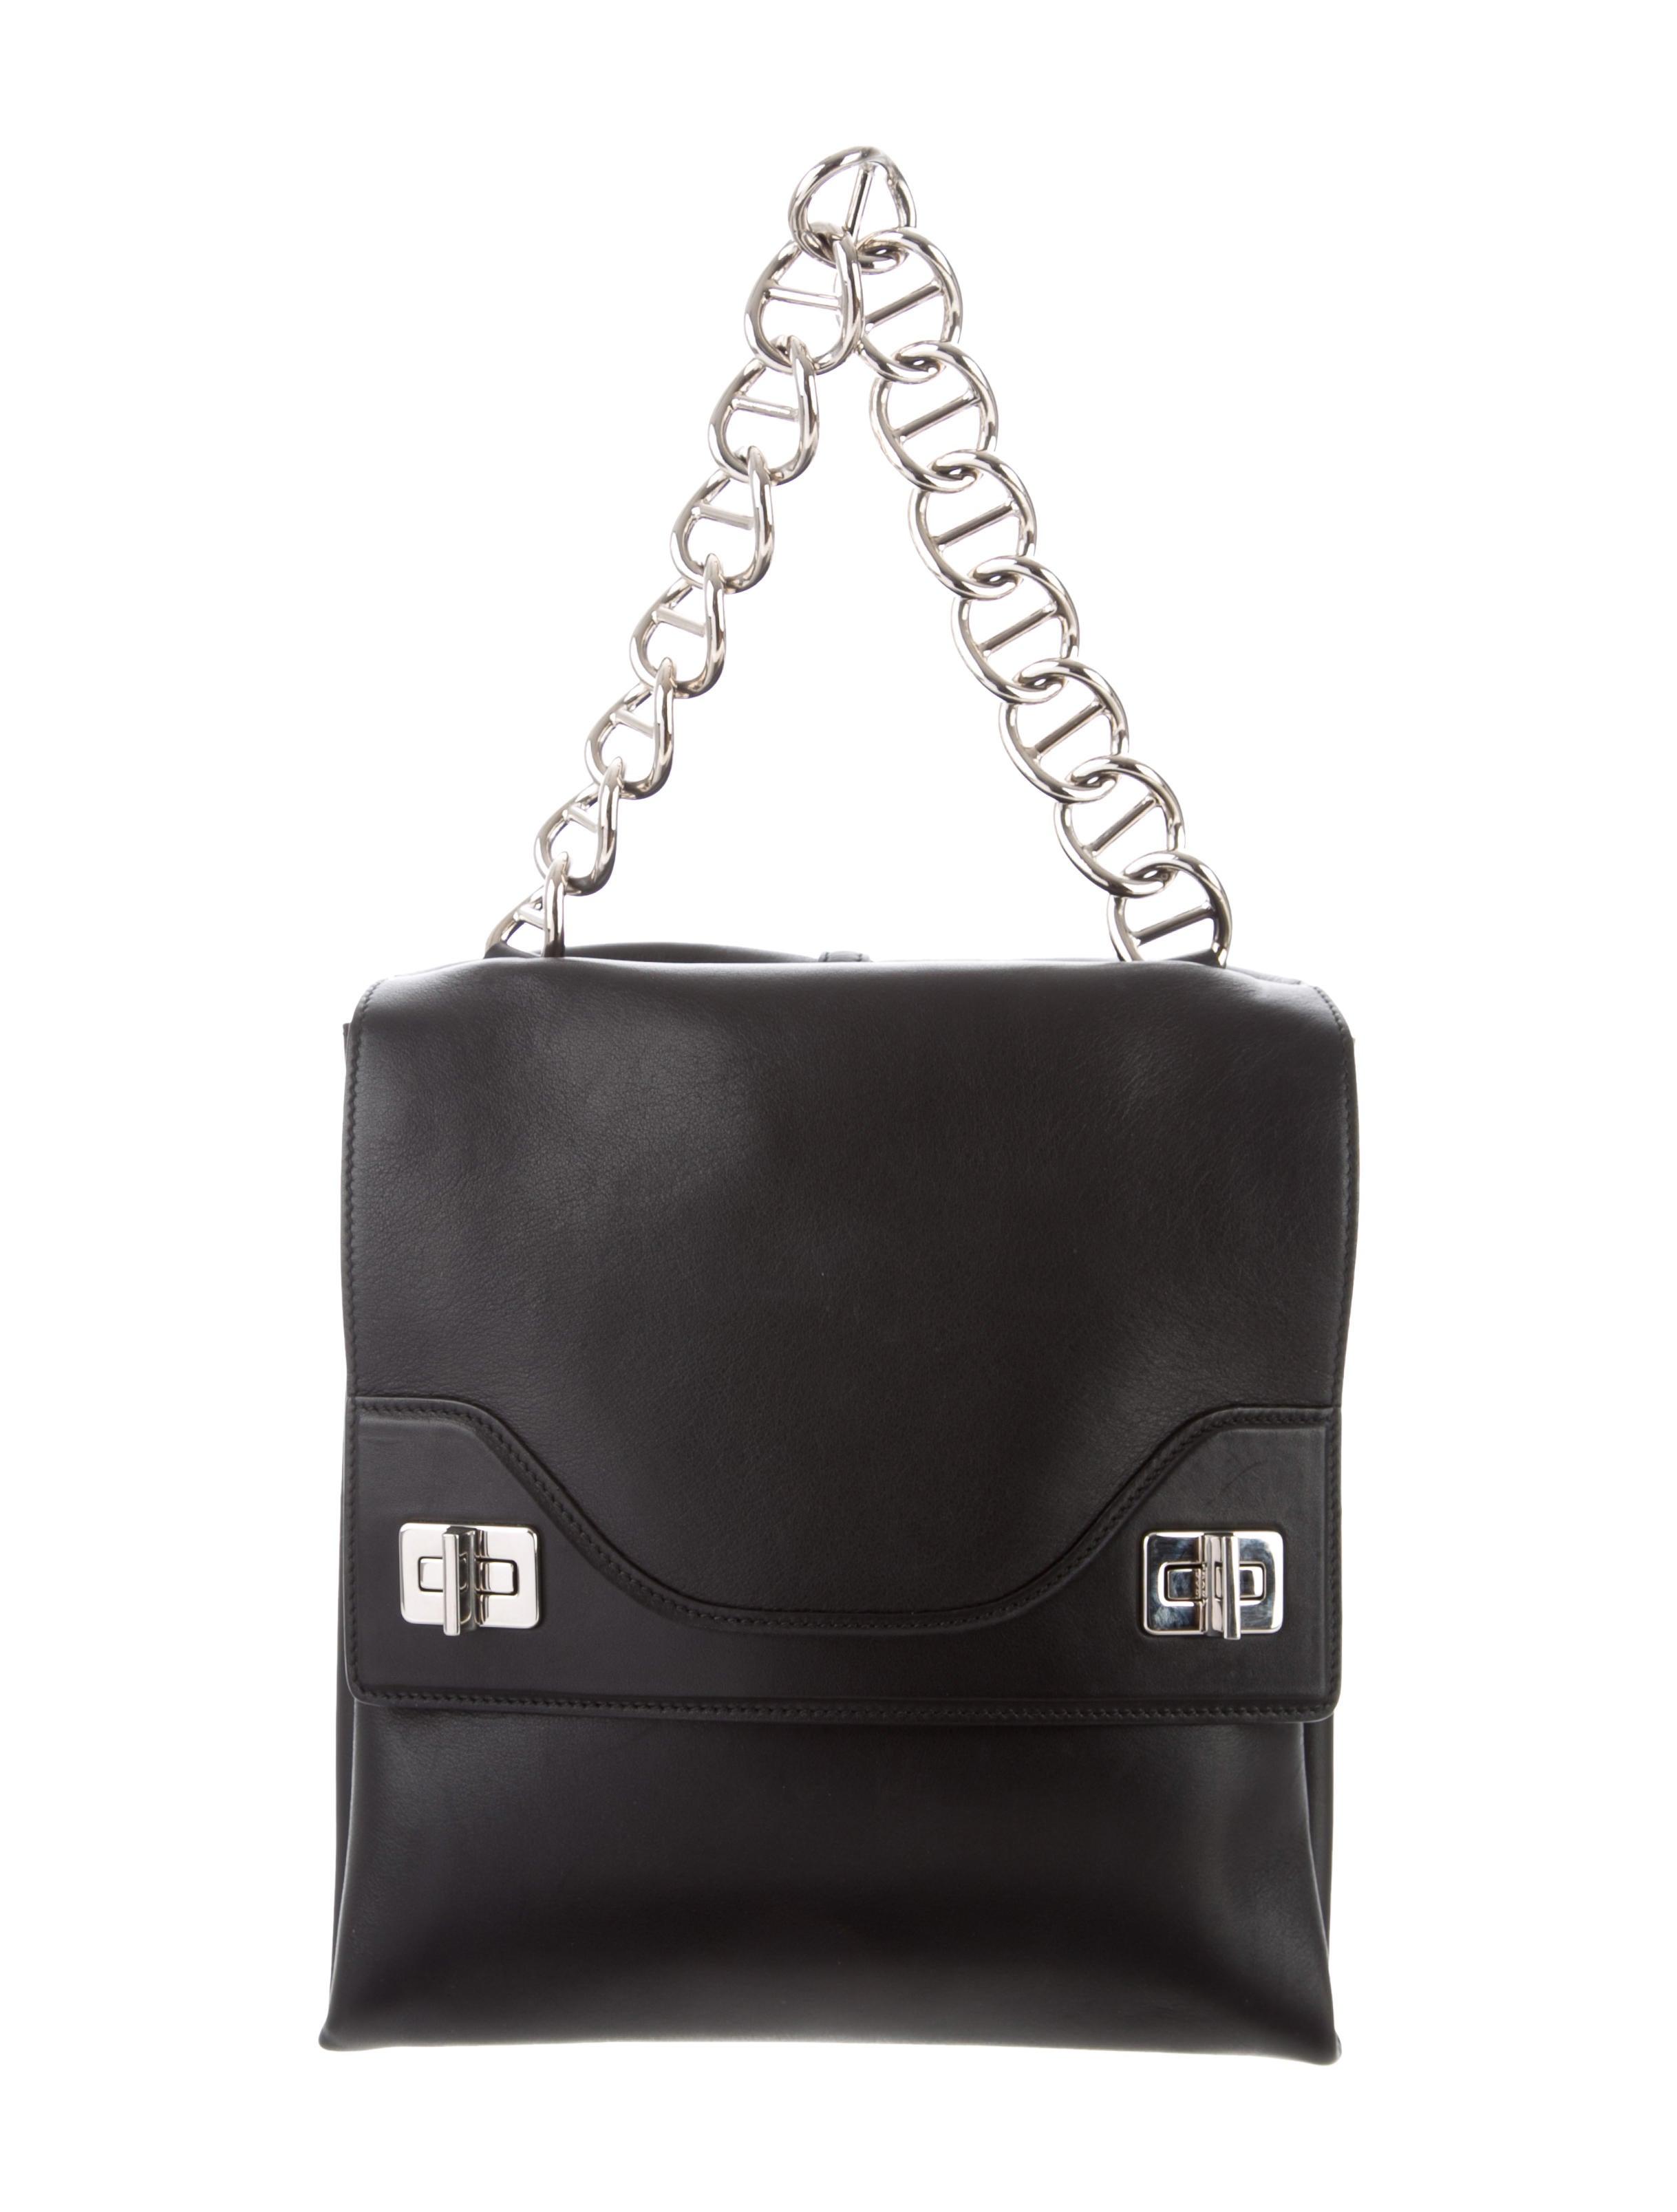 35d47c7115 Prada Vitello Soft Chain Shoulder Bag - Handbags - PRA238545